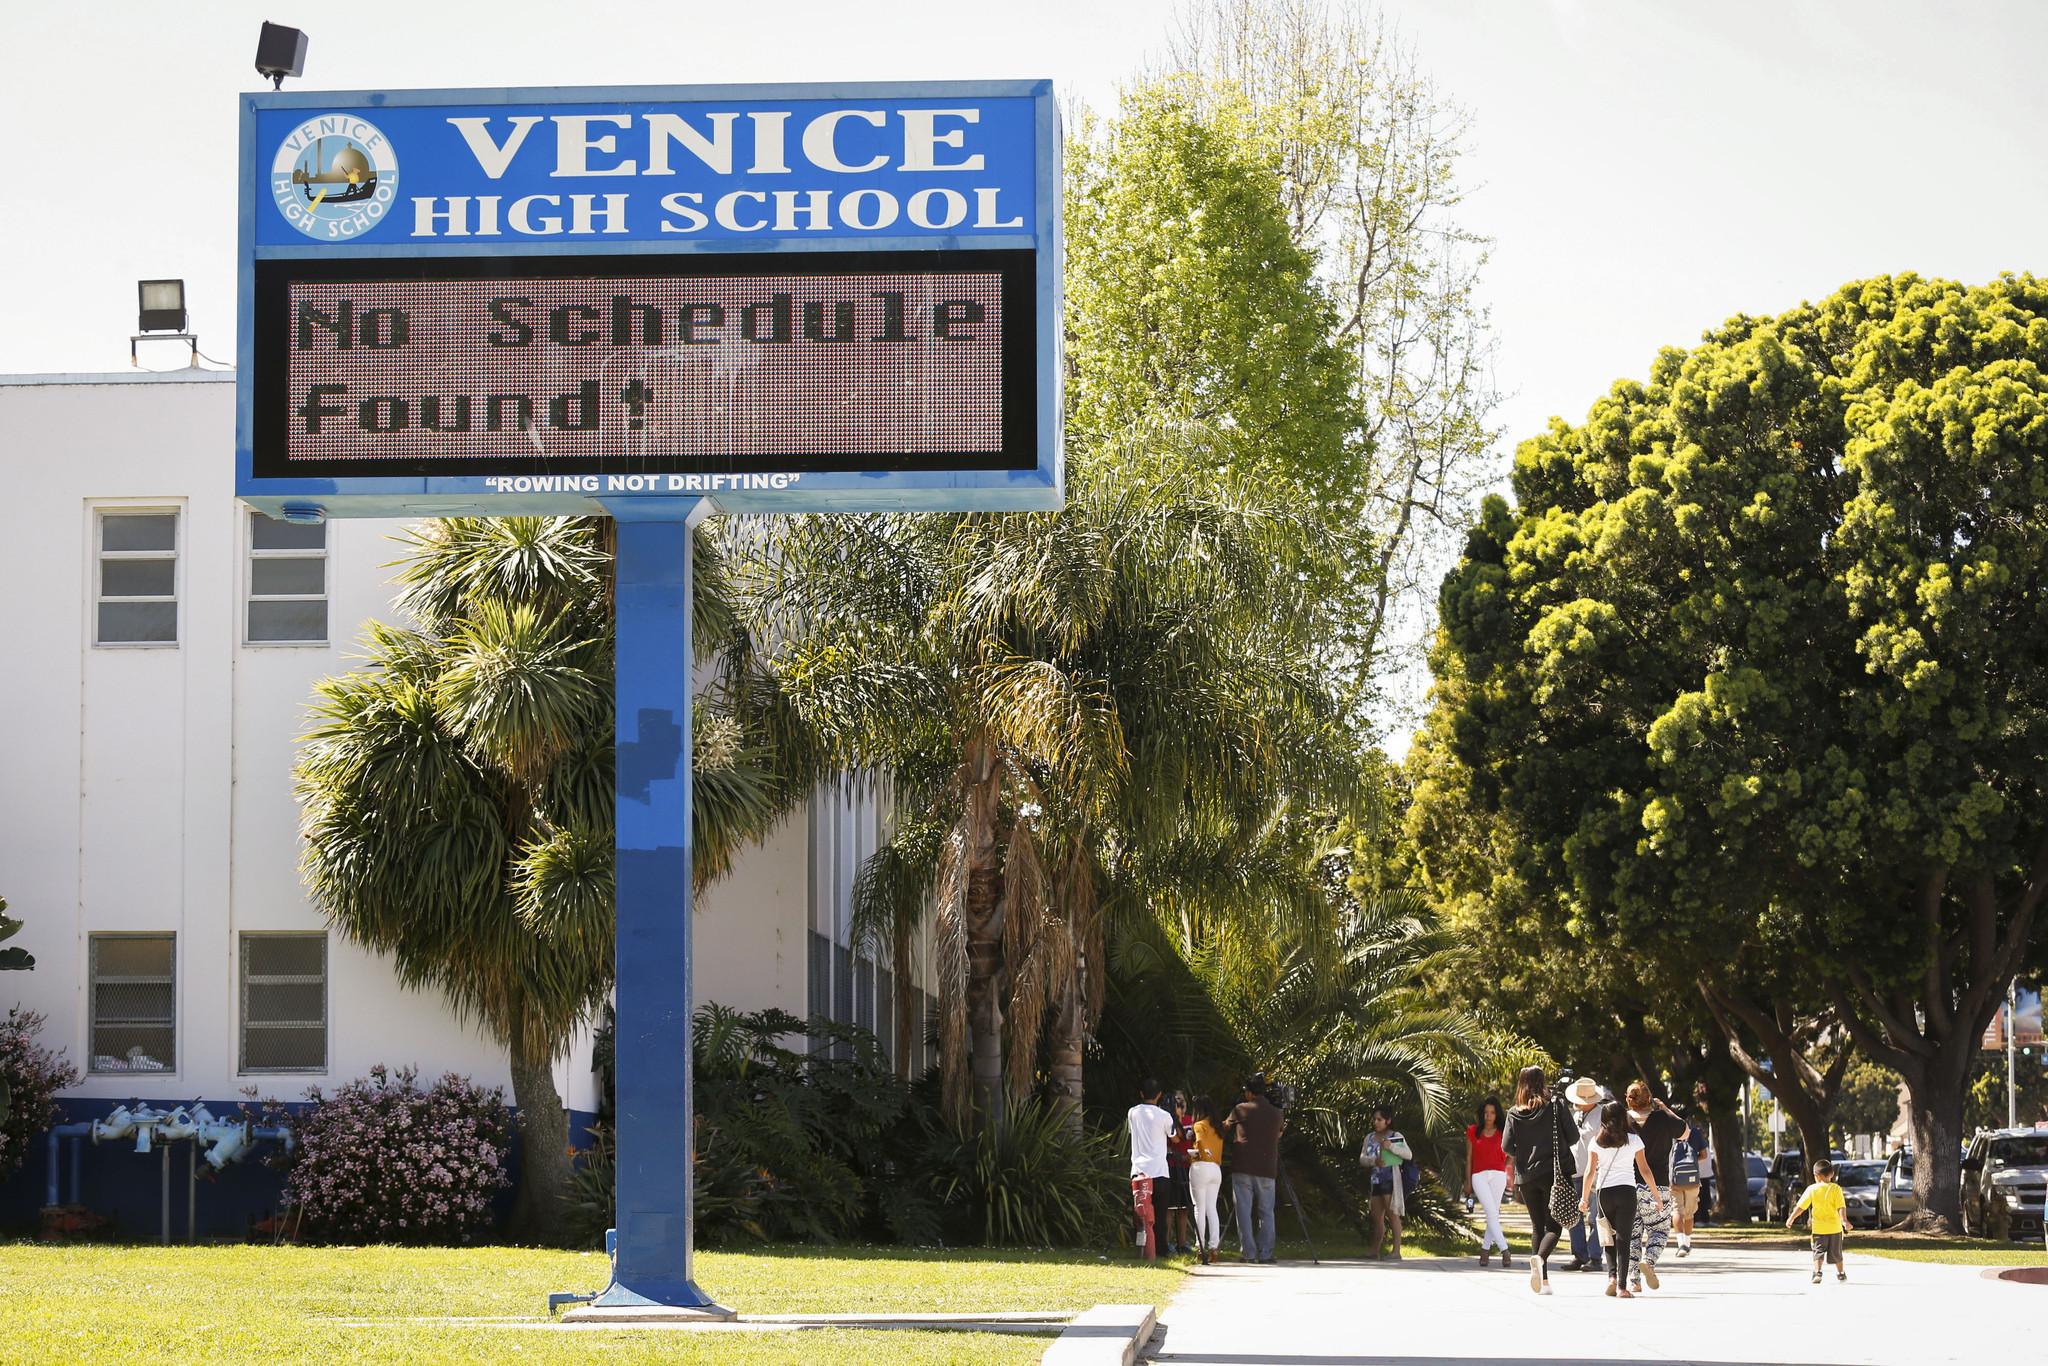 Секс высшей школе 26 фотография